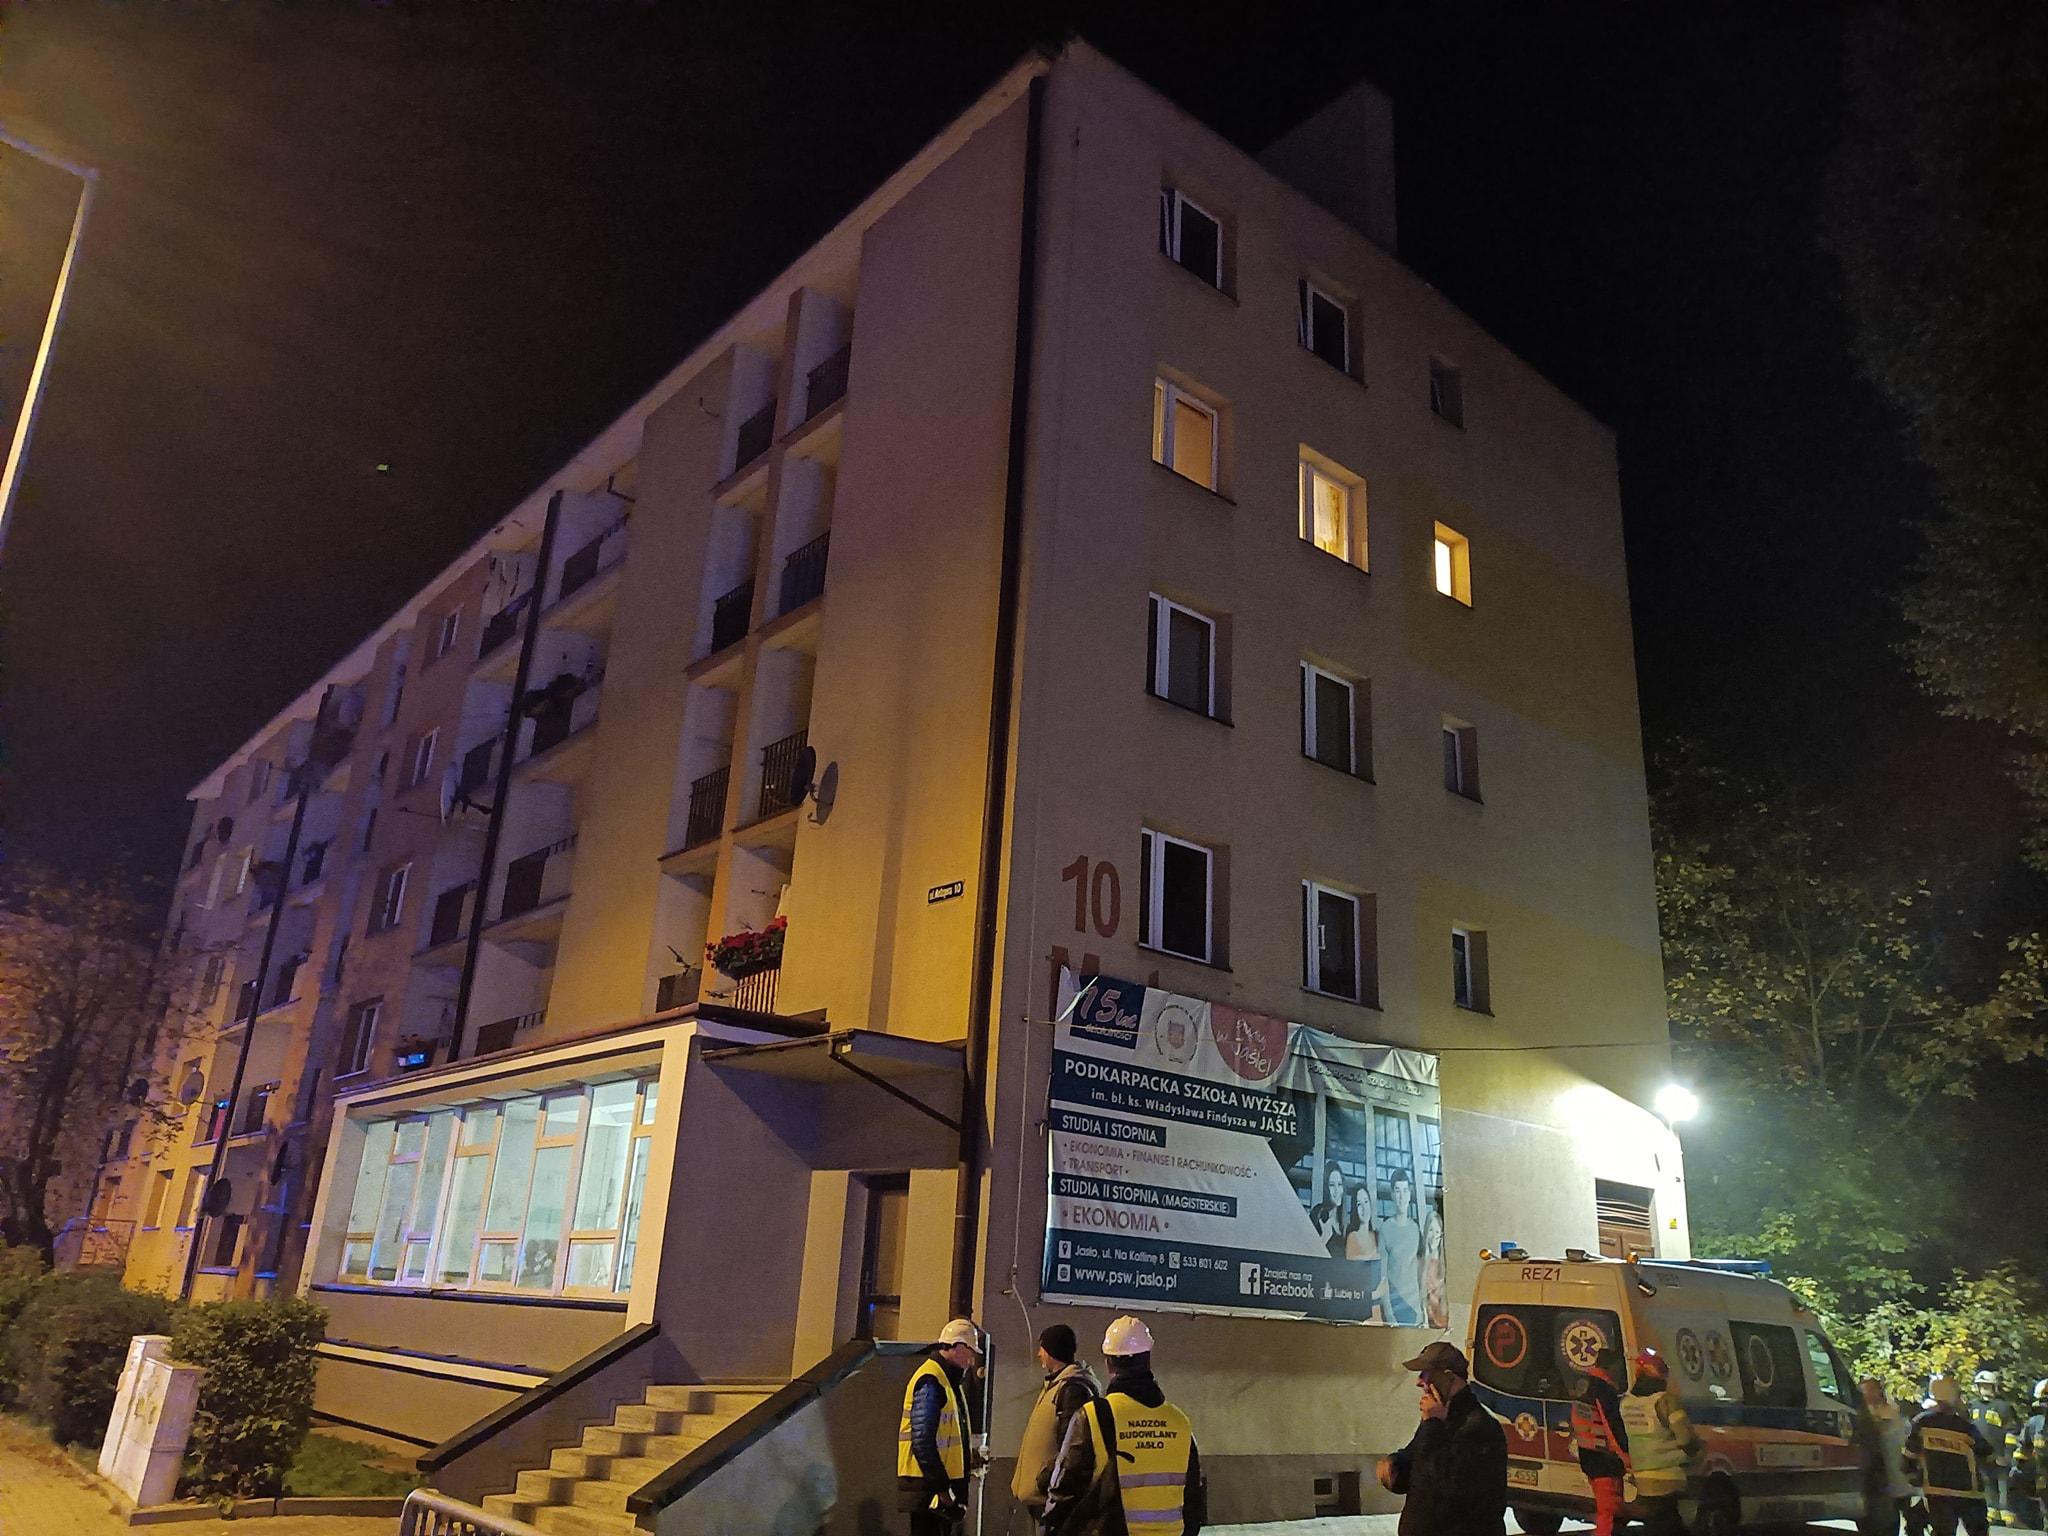 PODKARPACIE: Budynek wielomieszkaniowy grozi zawaleniem. Trwa ewakuacja mieszkańców - Zdjęcie główne